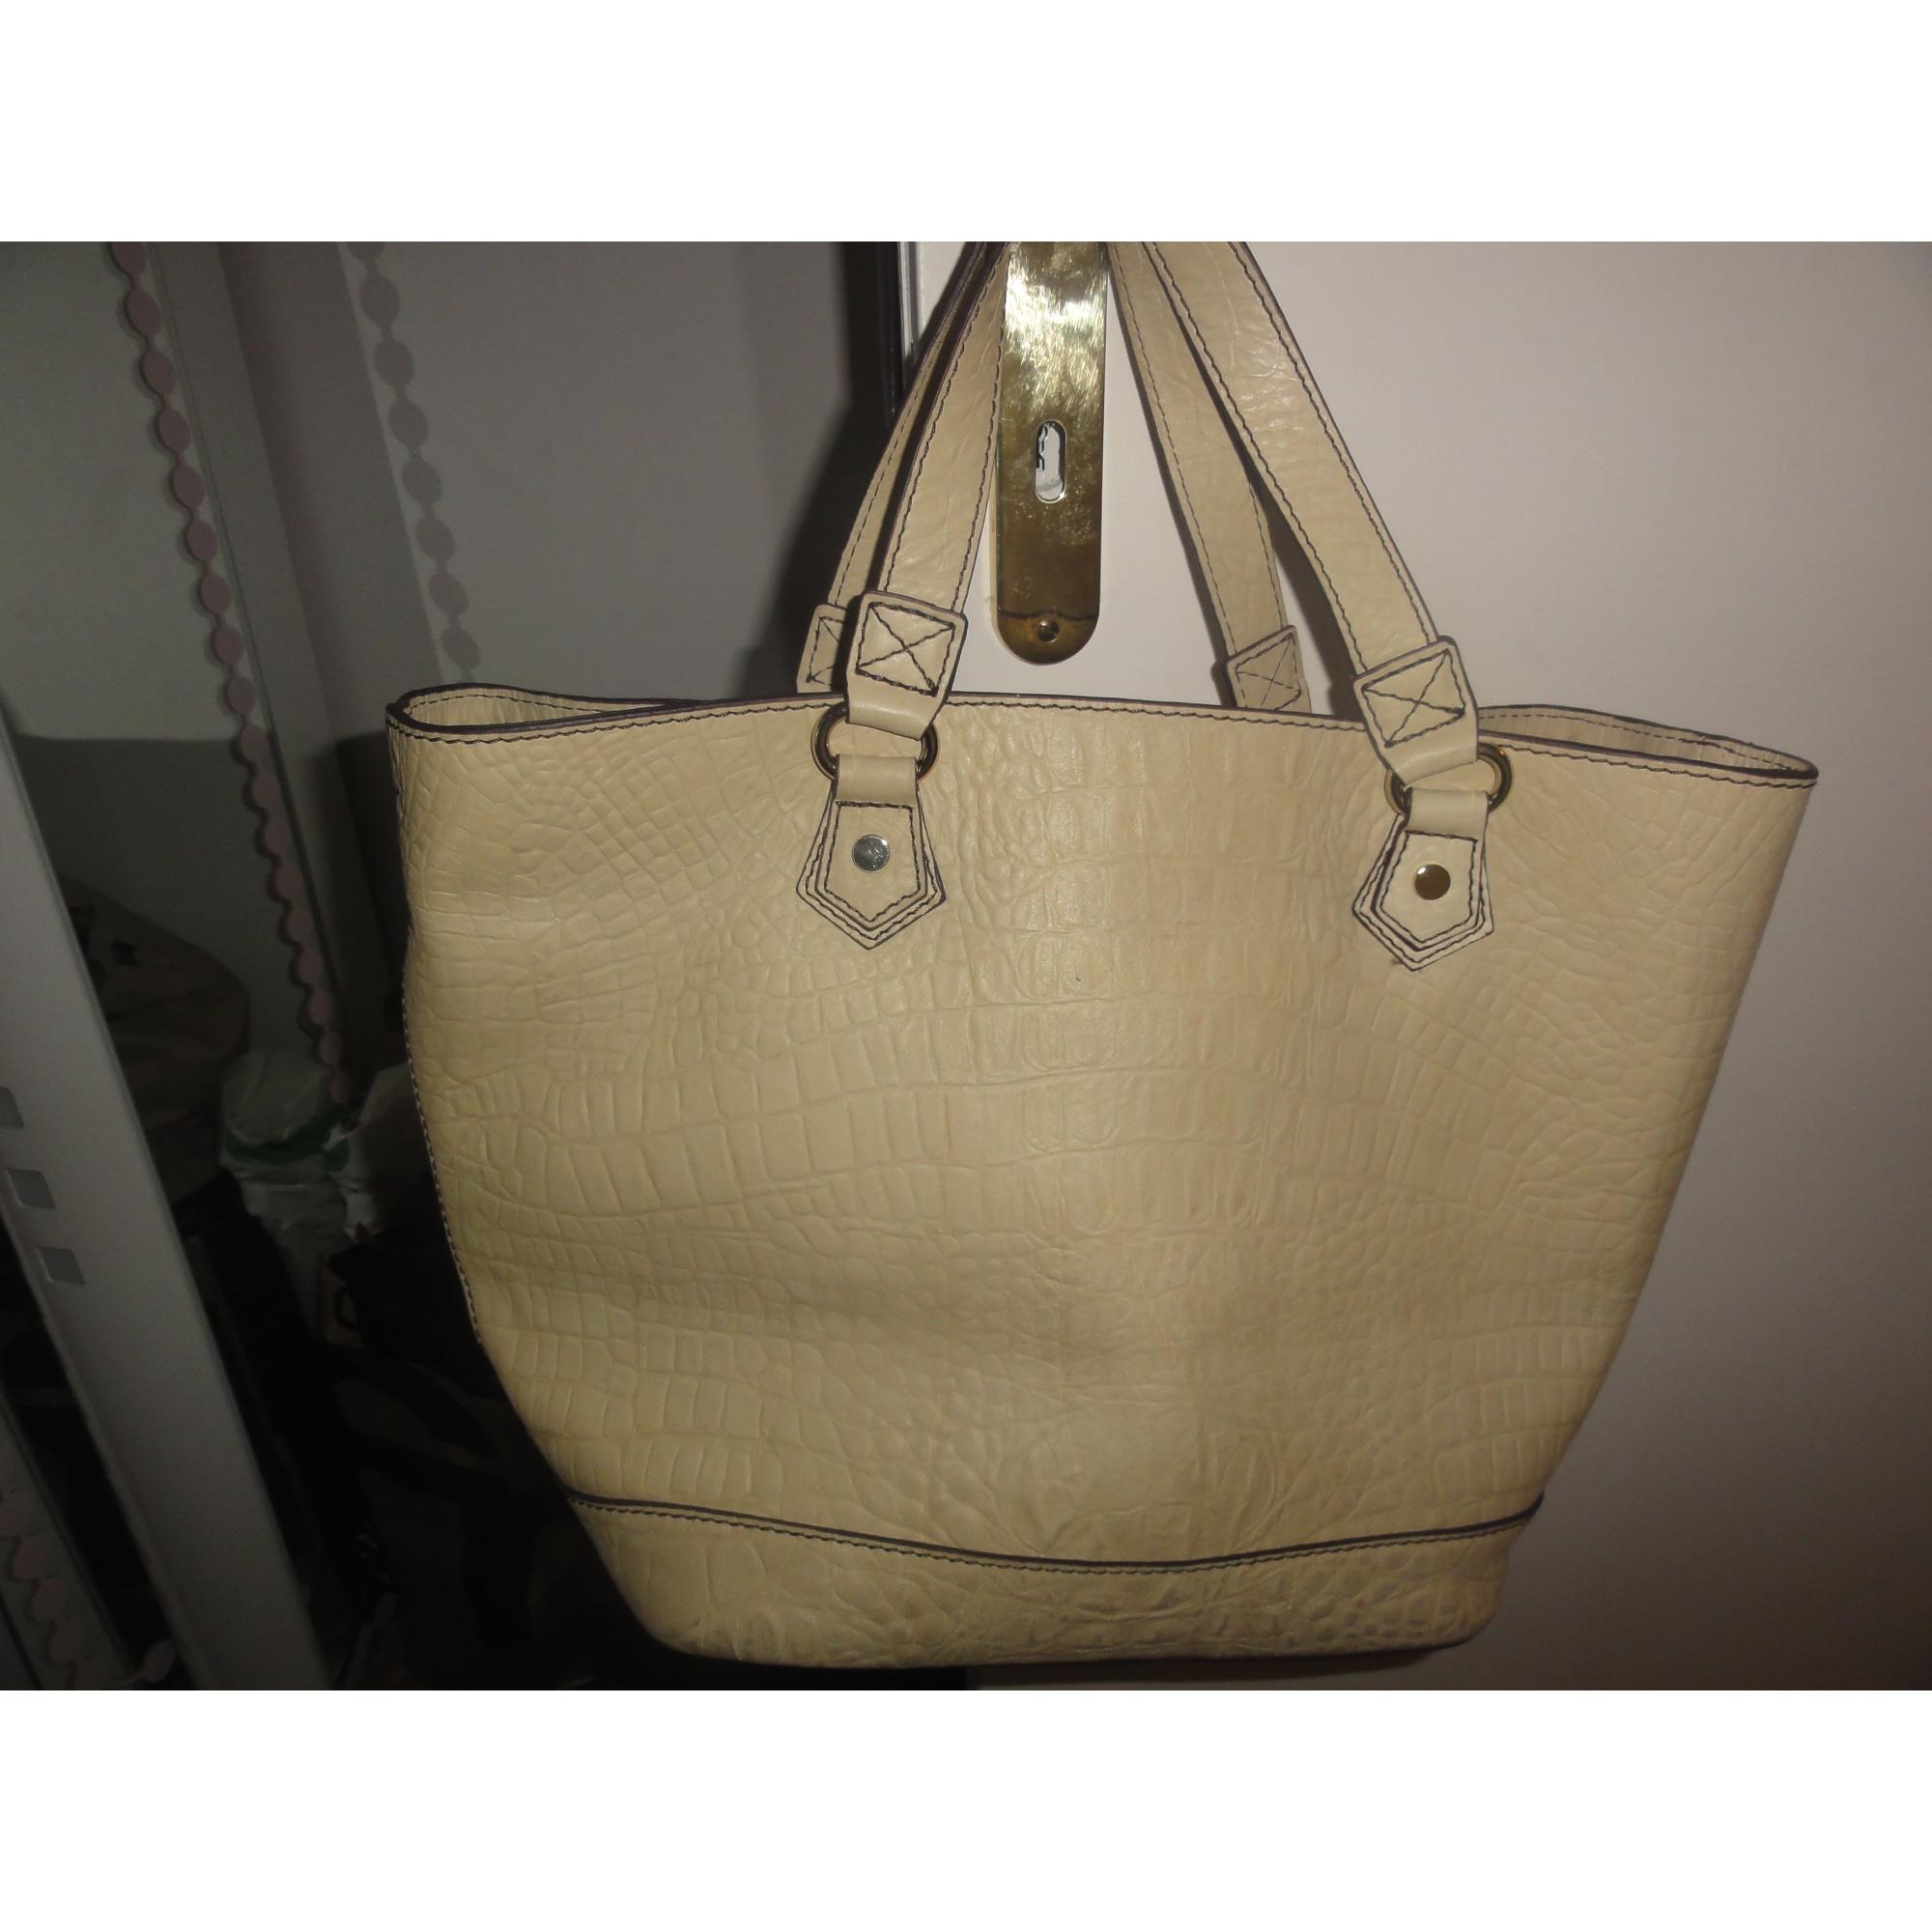 Sac à main en cuir CAROLL blanc vendu par Hoda230409 - 1135968 8615bf6a8be